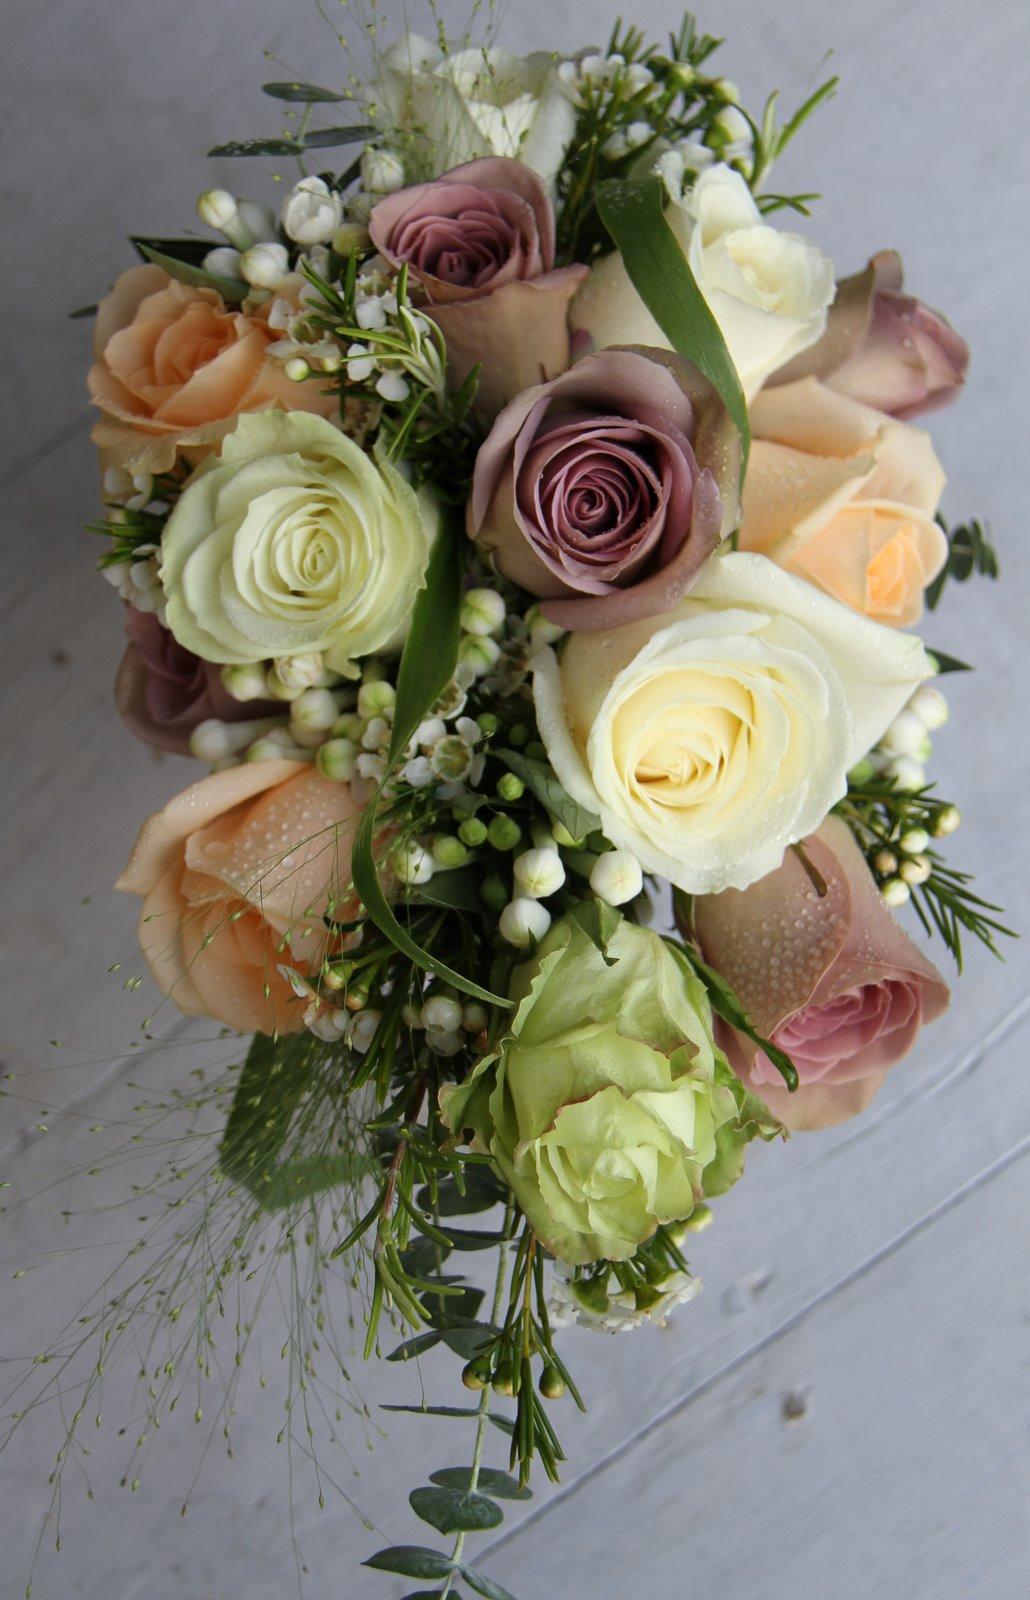 rose bridal bouquets photo - 1